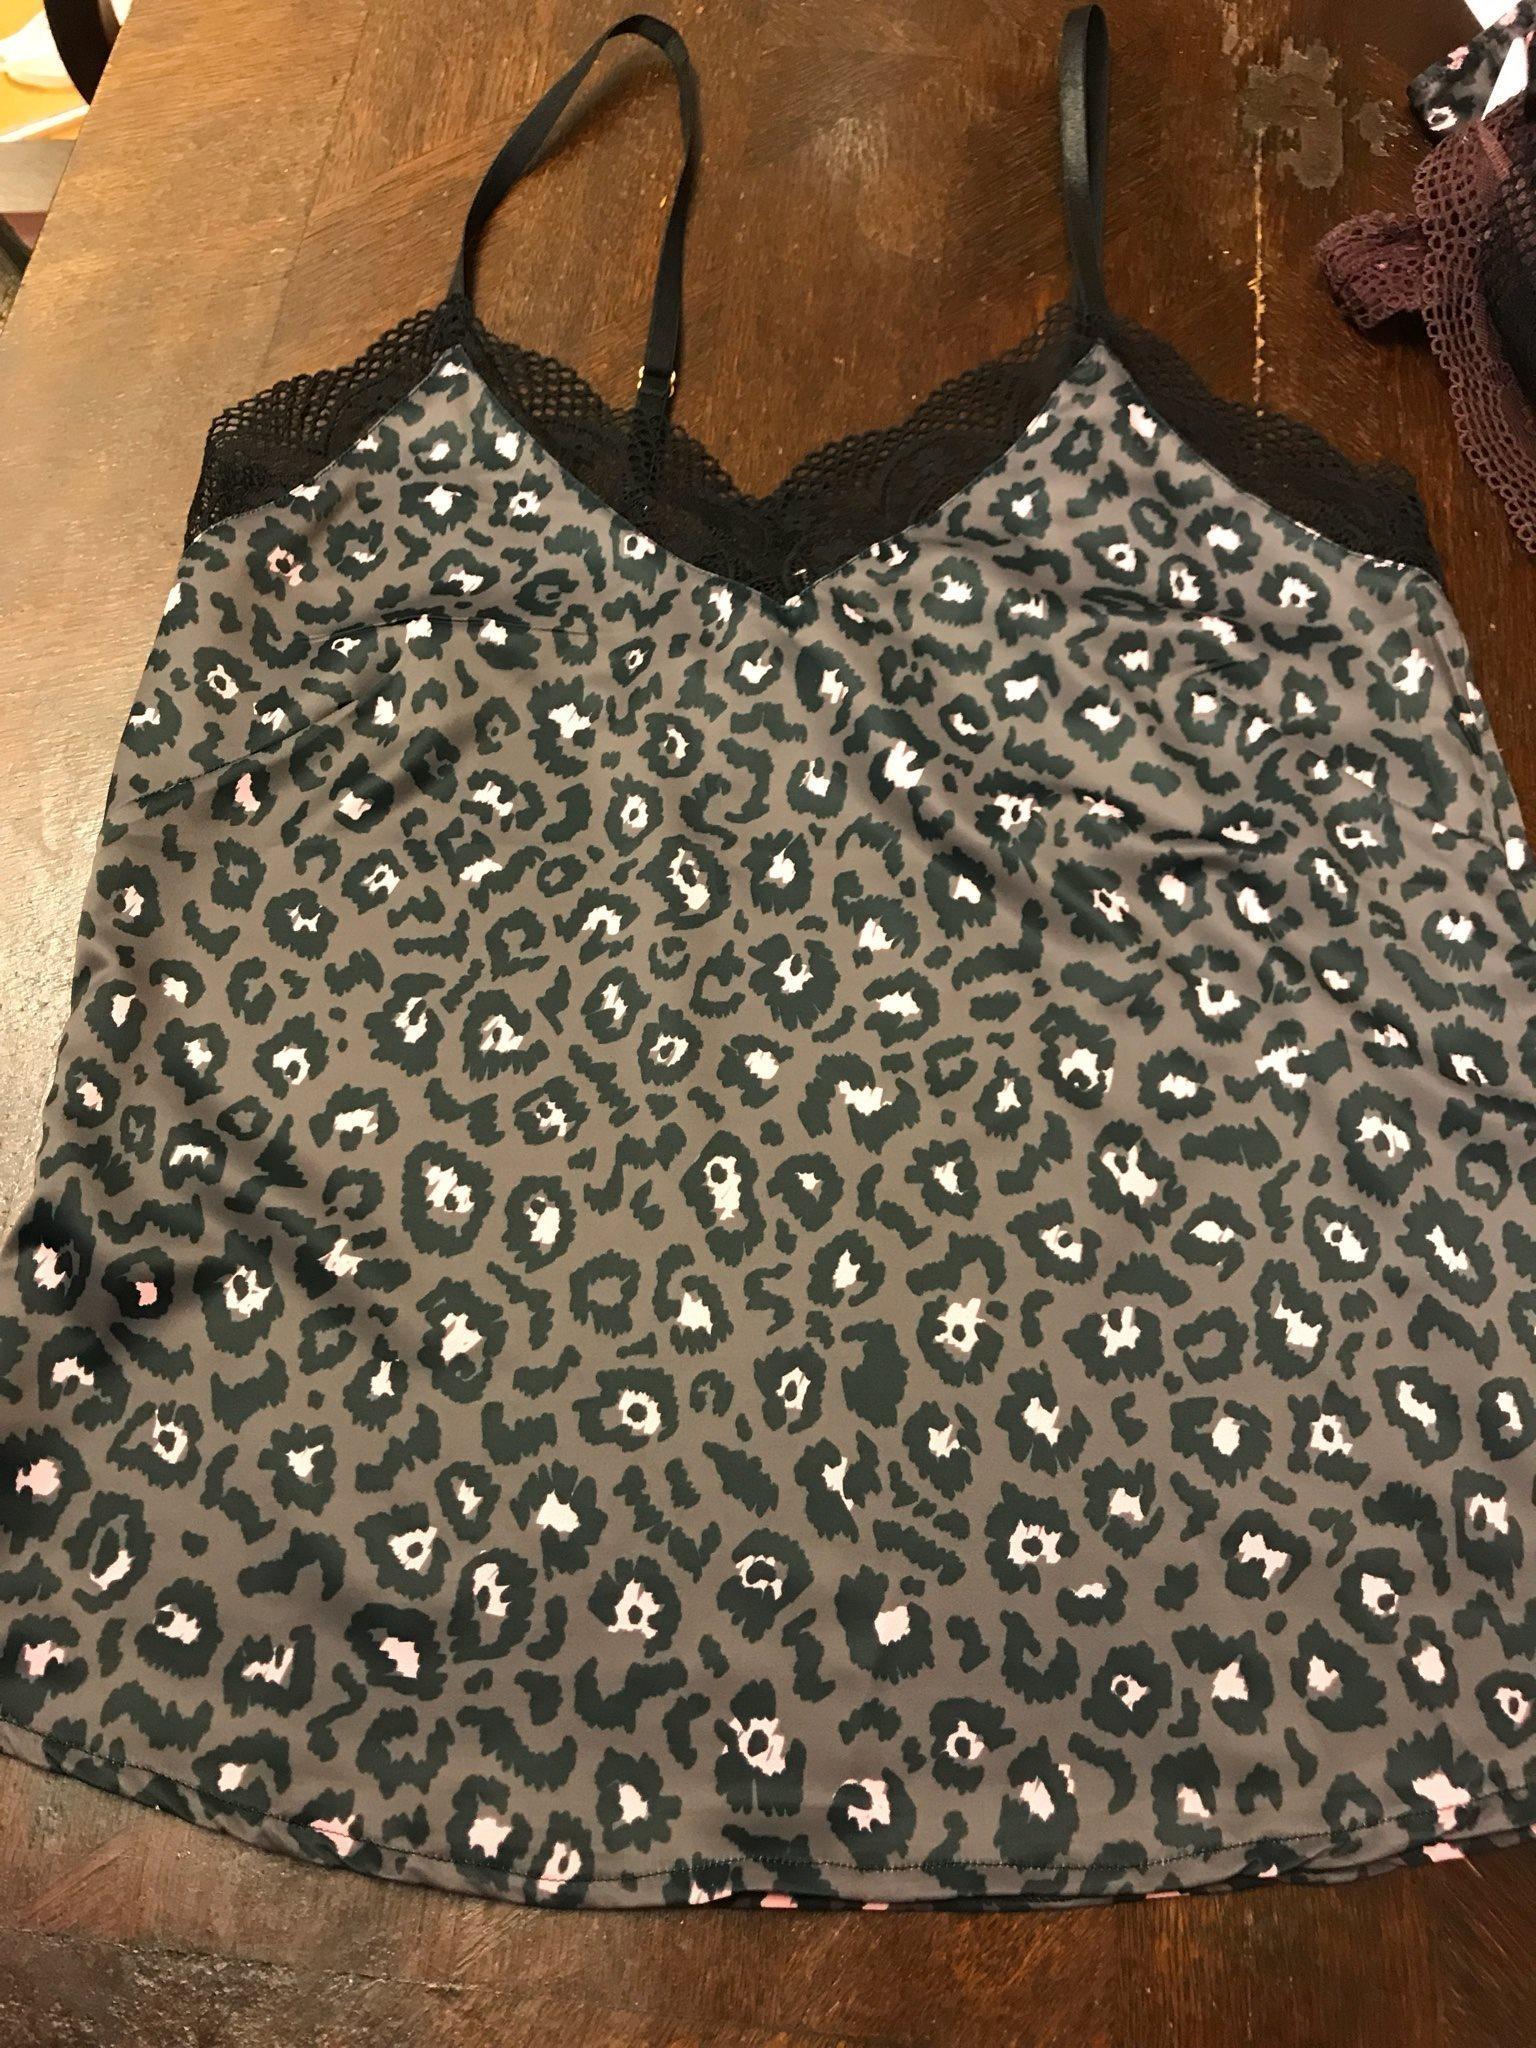 40dfea7fa5b7 Underkläder set 3 delar linne shorts trosa (328652294) ᐈ Köp på Tradera